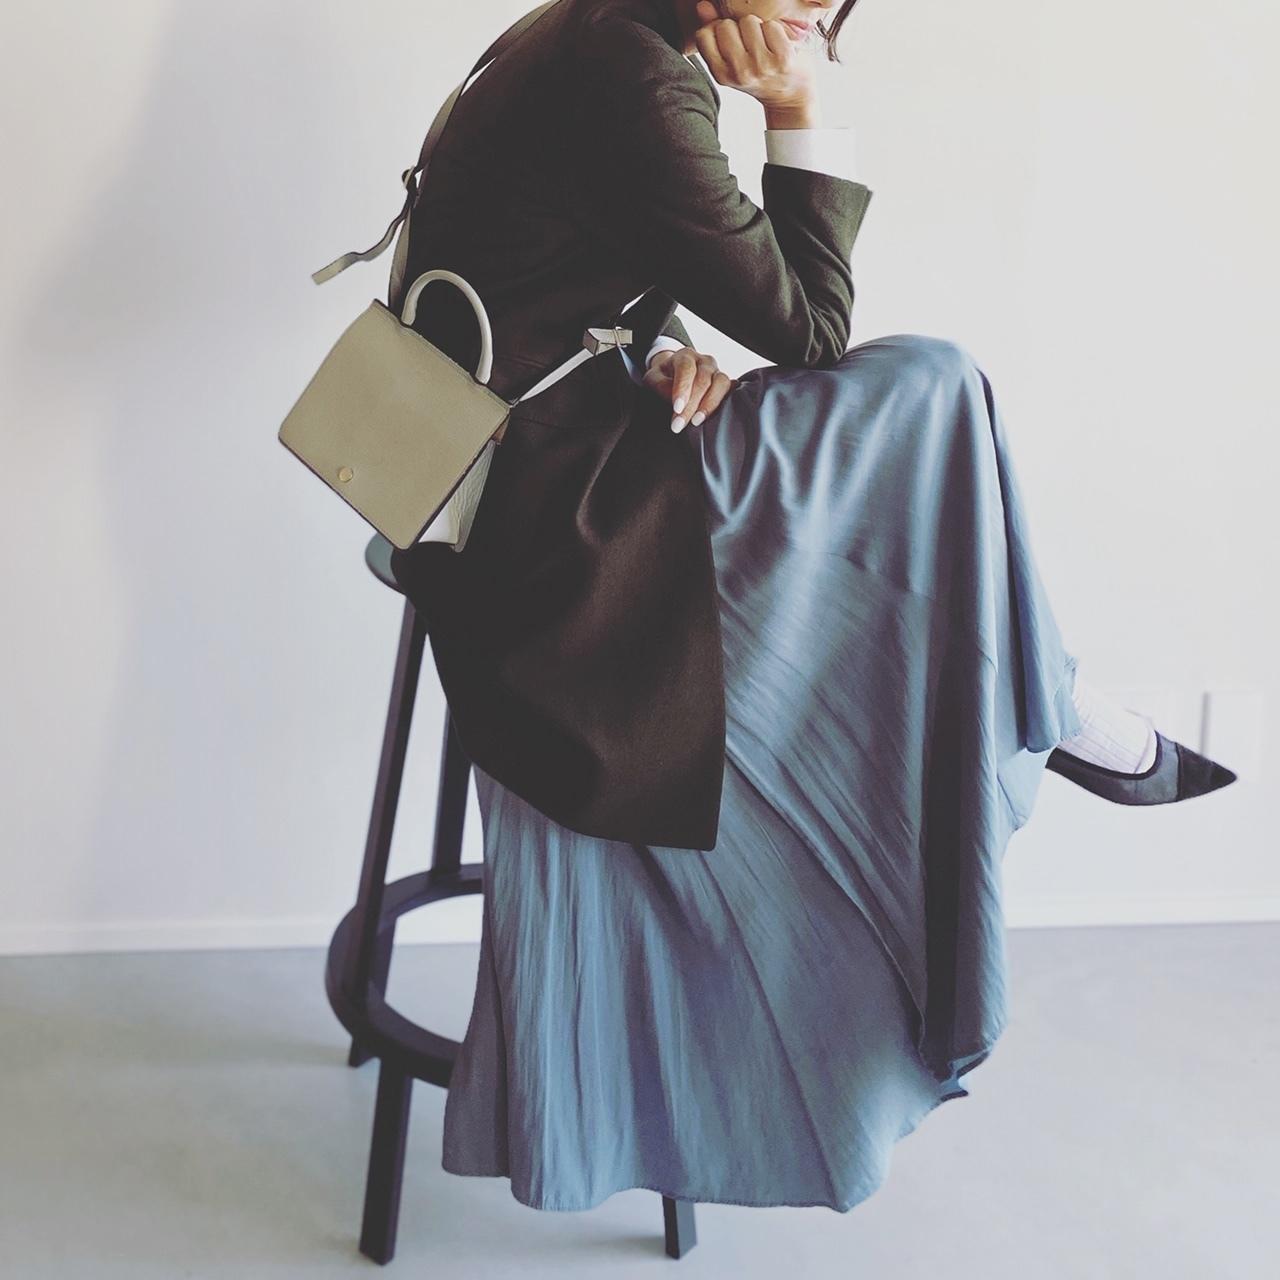 アラフォーの春先の足もと問題から行くべきブランド最新版まで【ファッション人気記事ランキングトップ10】_1_6